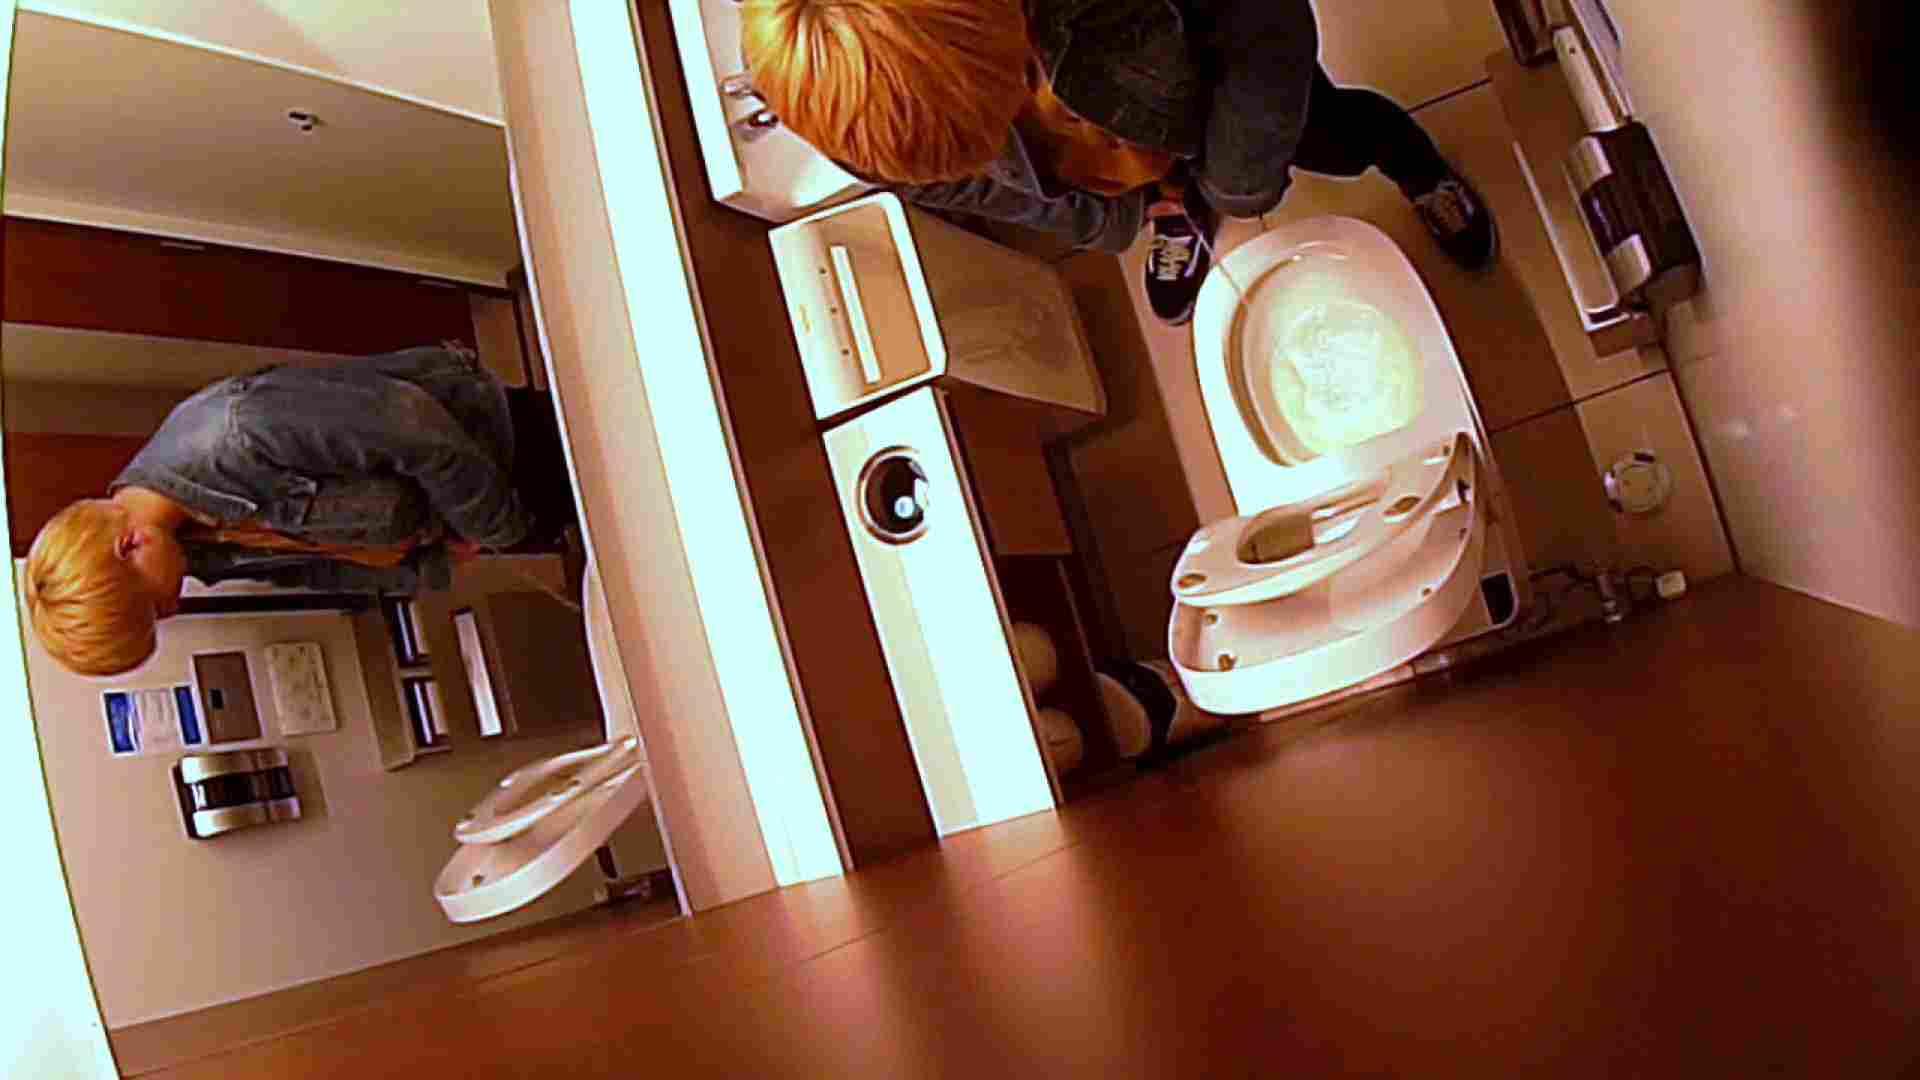 すみませんが覗かせてください Vol.30 トイレ | 0  62枚 1